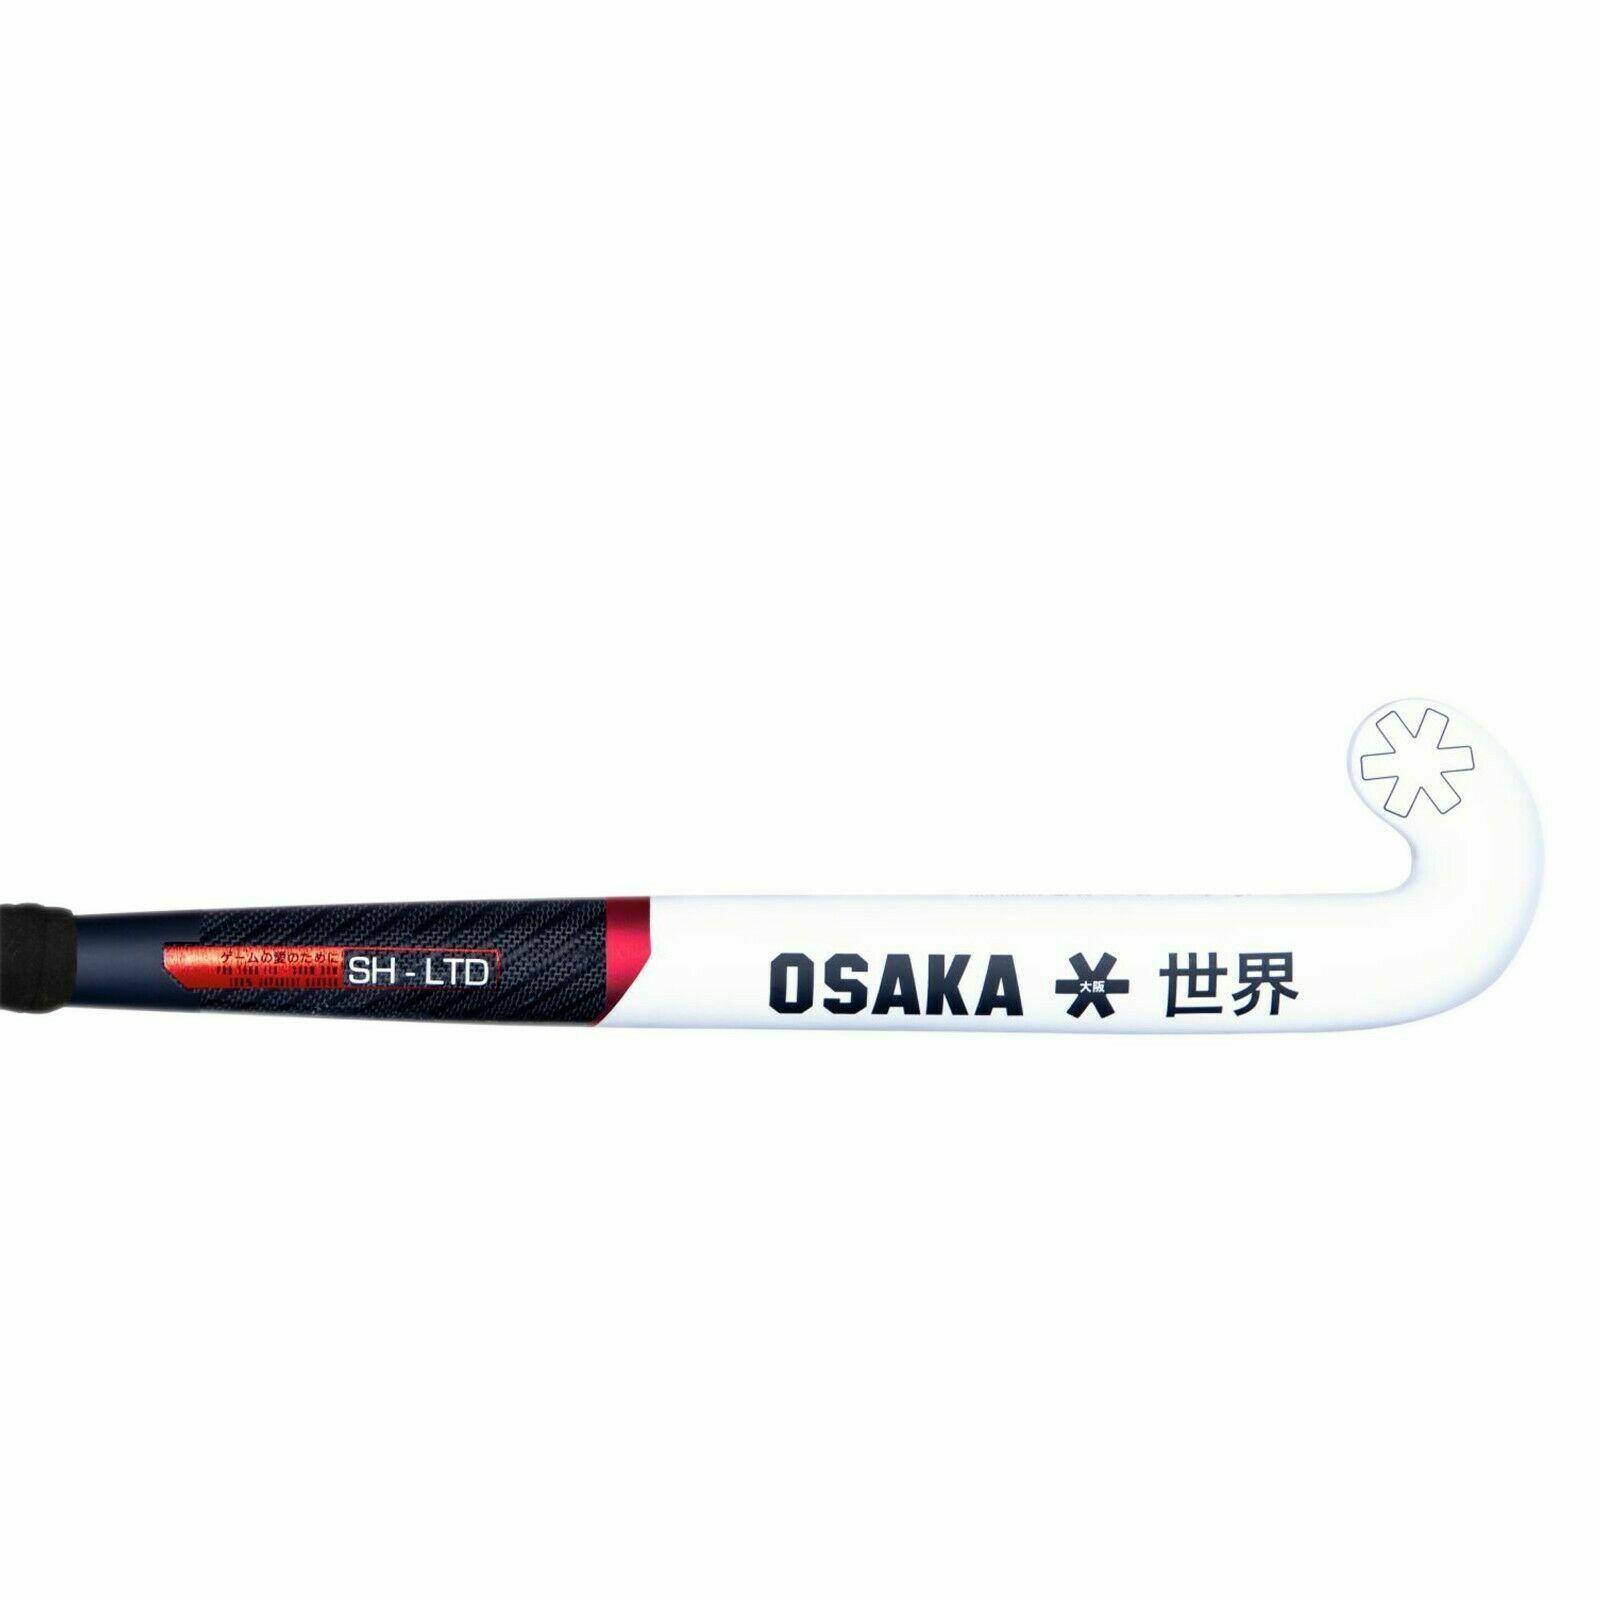 Osaka Pro Tour Silver MidBow 2017 Hockey Stick 2018 free grip /& bag 37.5